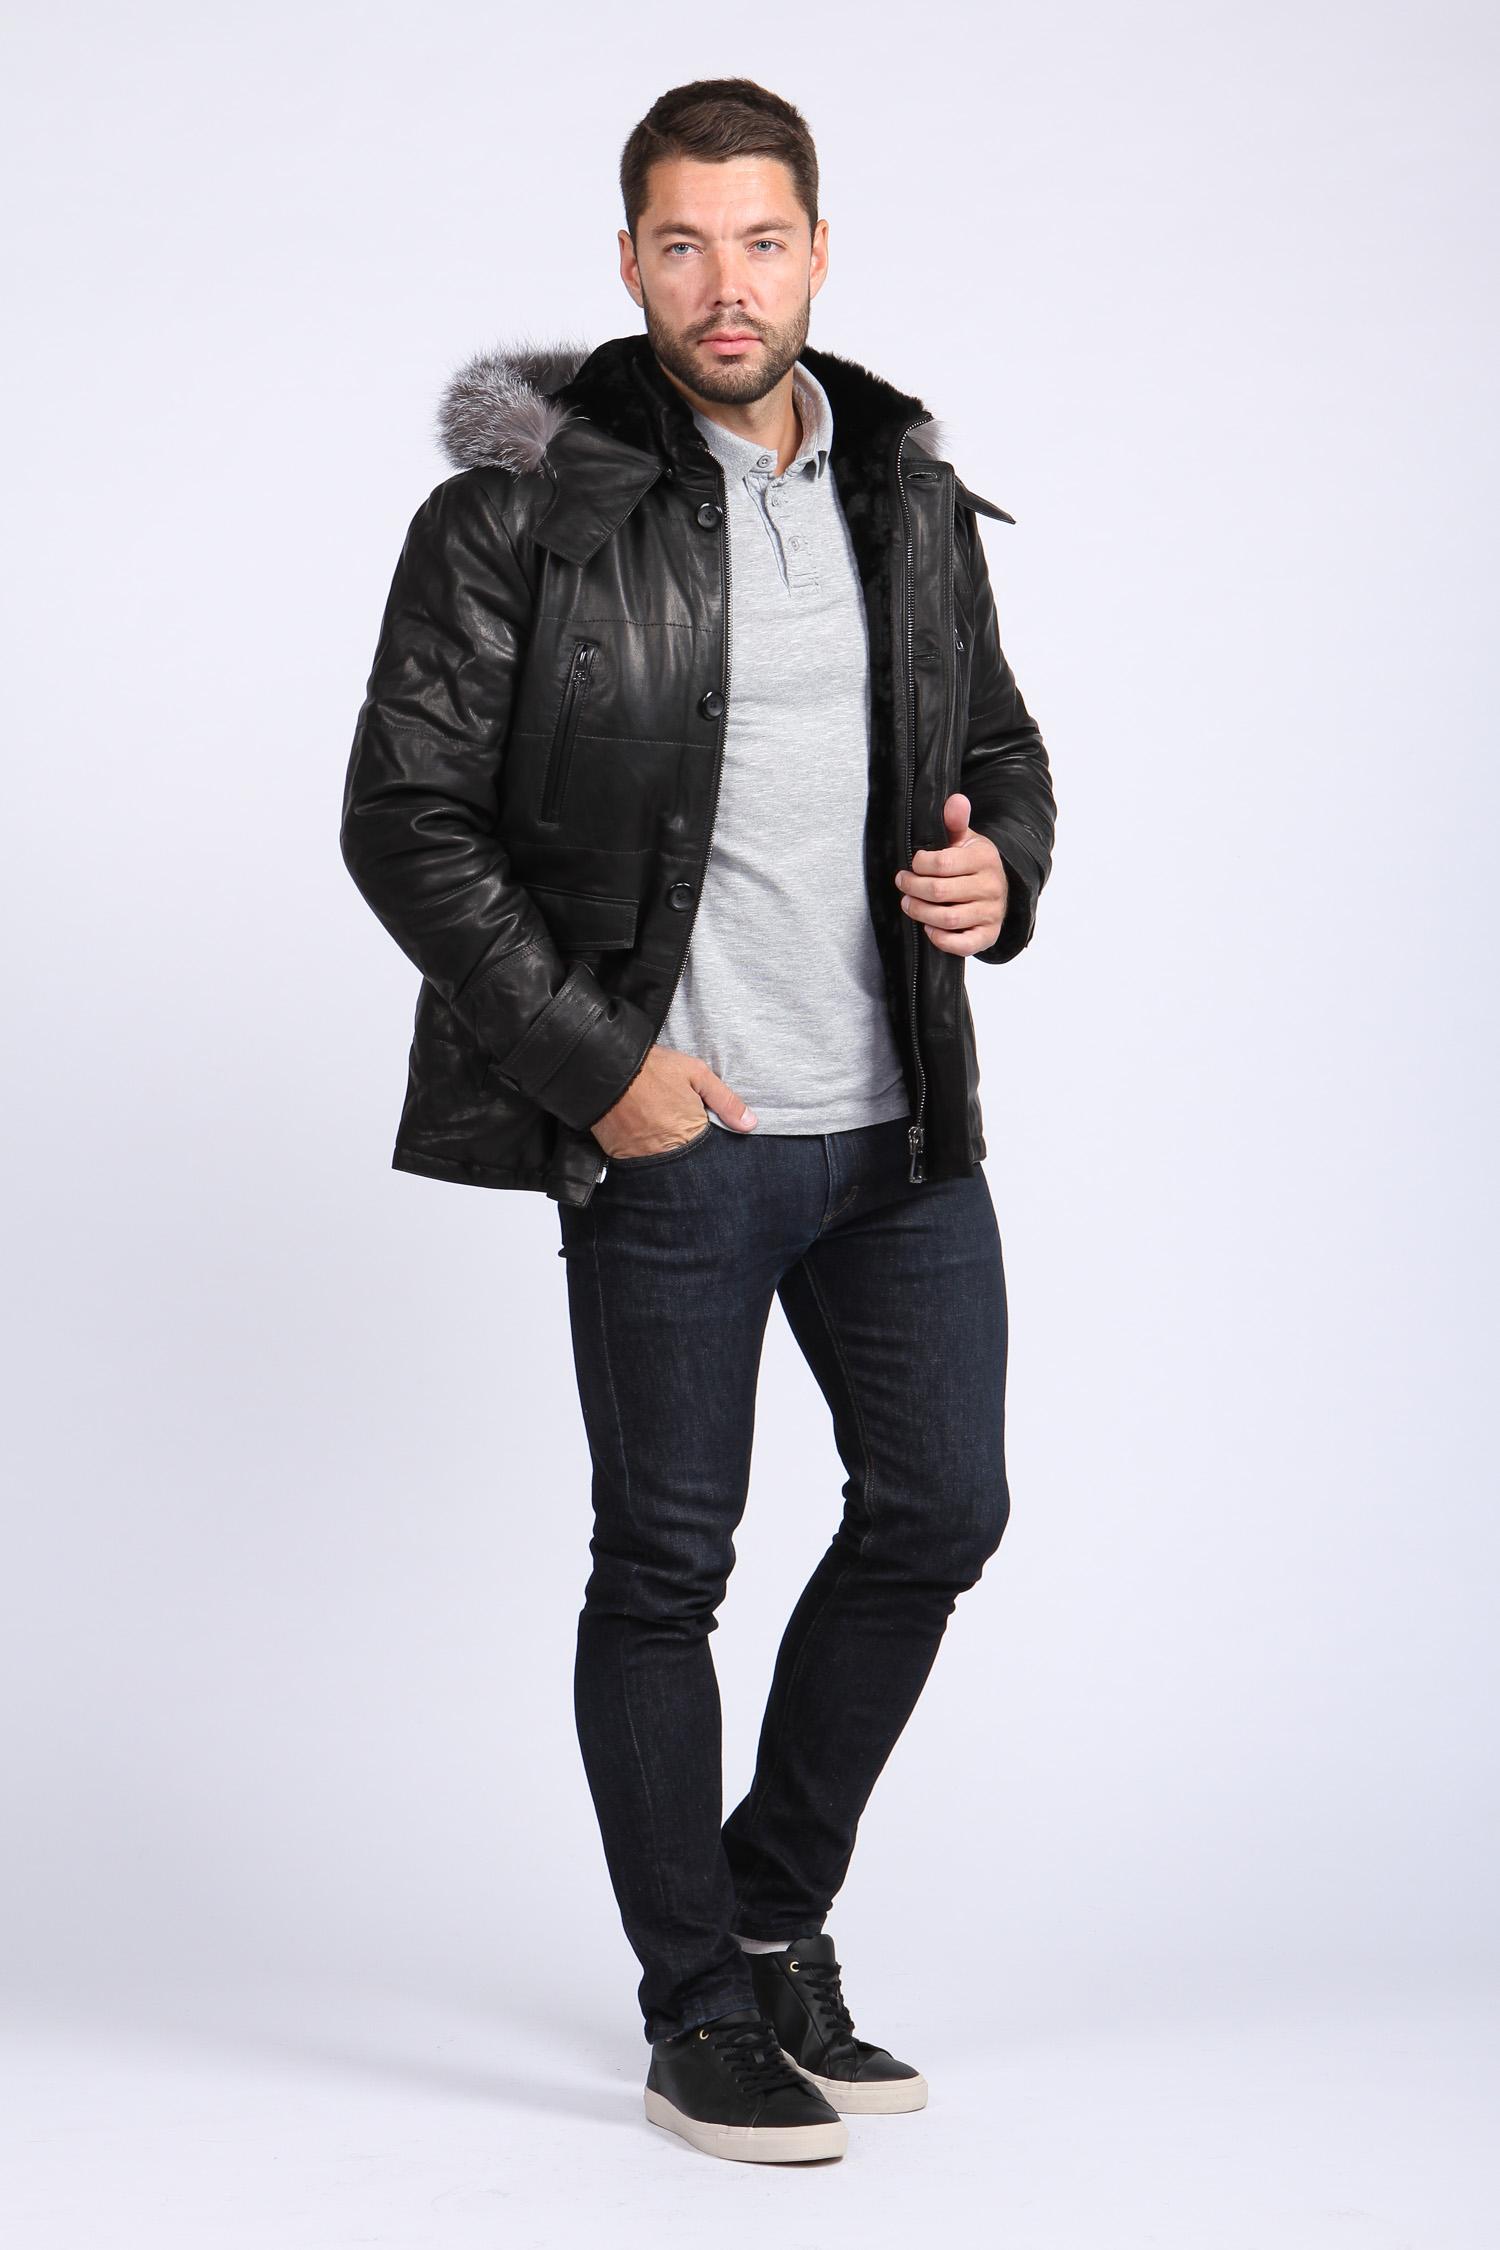 Мужская кожаная куртка из натуральной овчины на меху с капюшоном, отделка чернобурка от Московская Меховая Компания